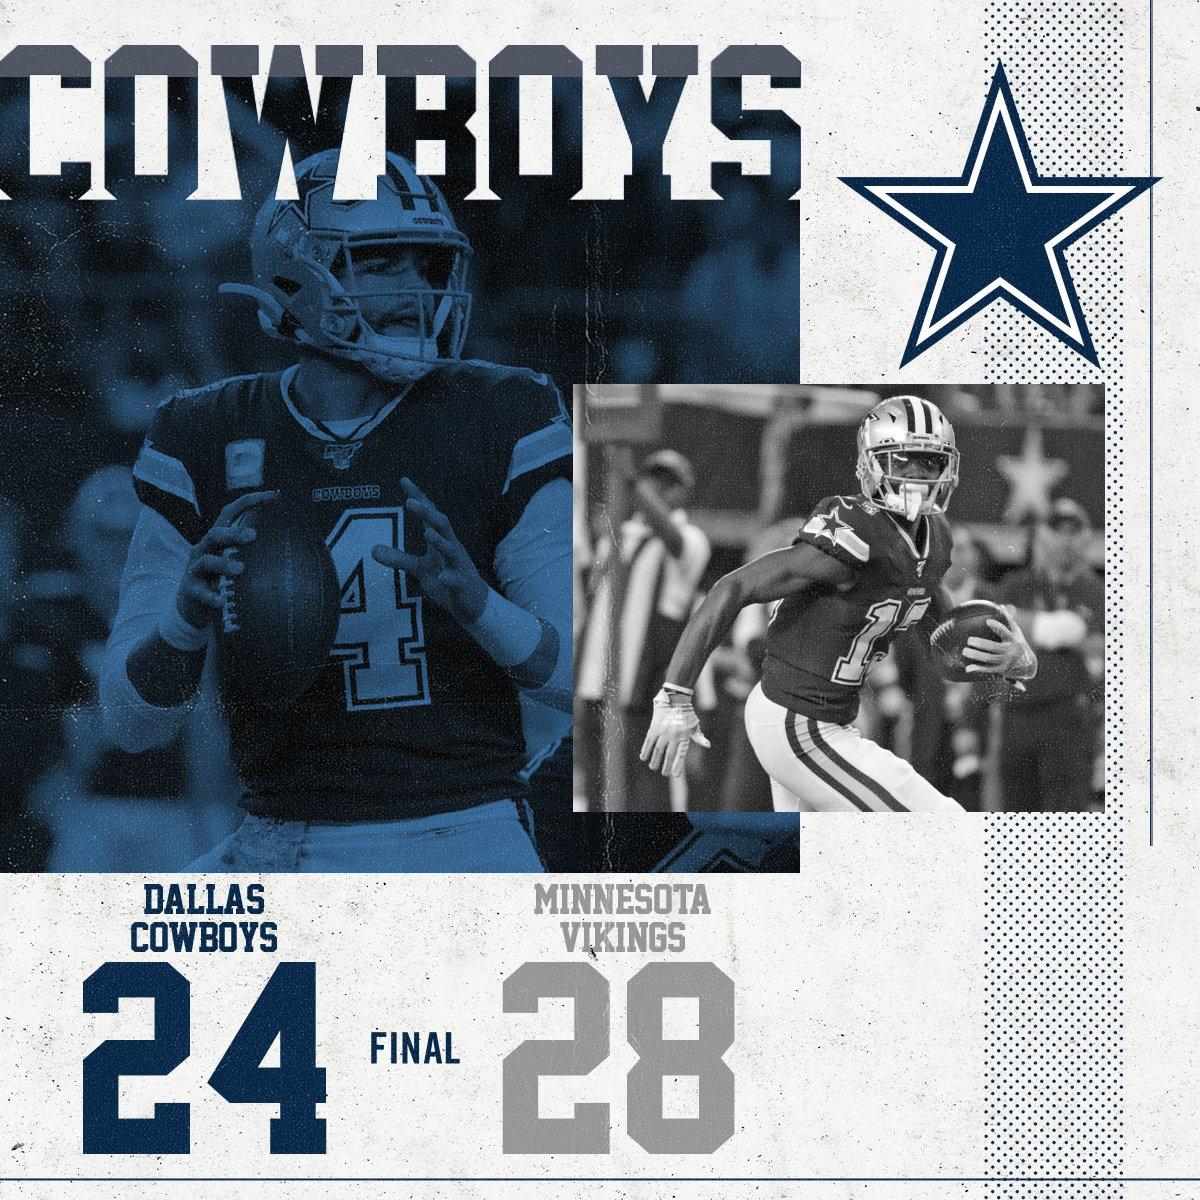 Final #MINvsDAL | #DallasCowboys